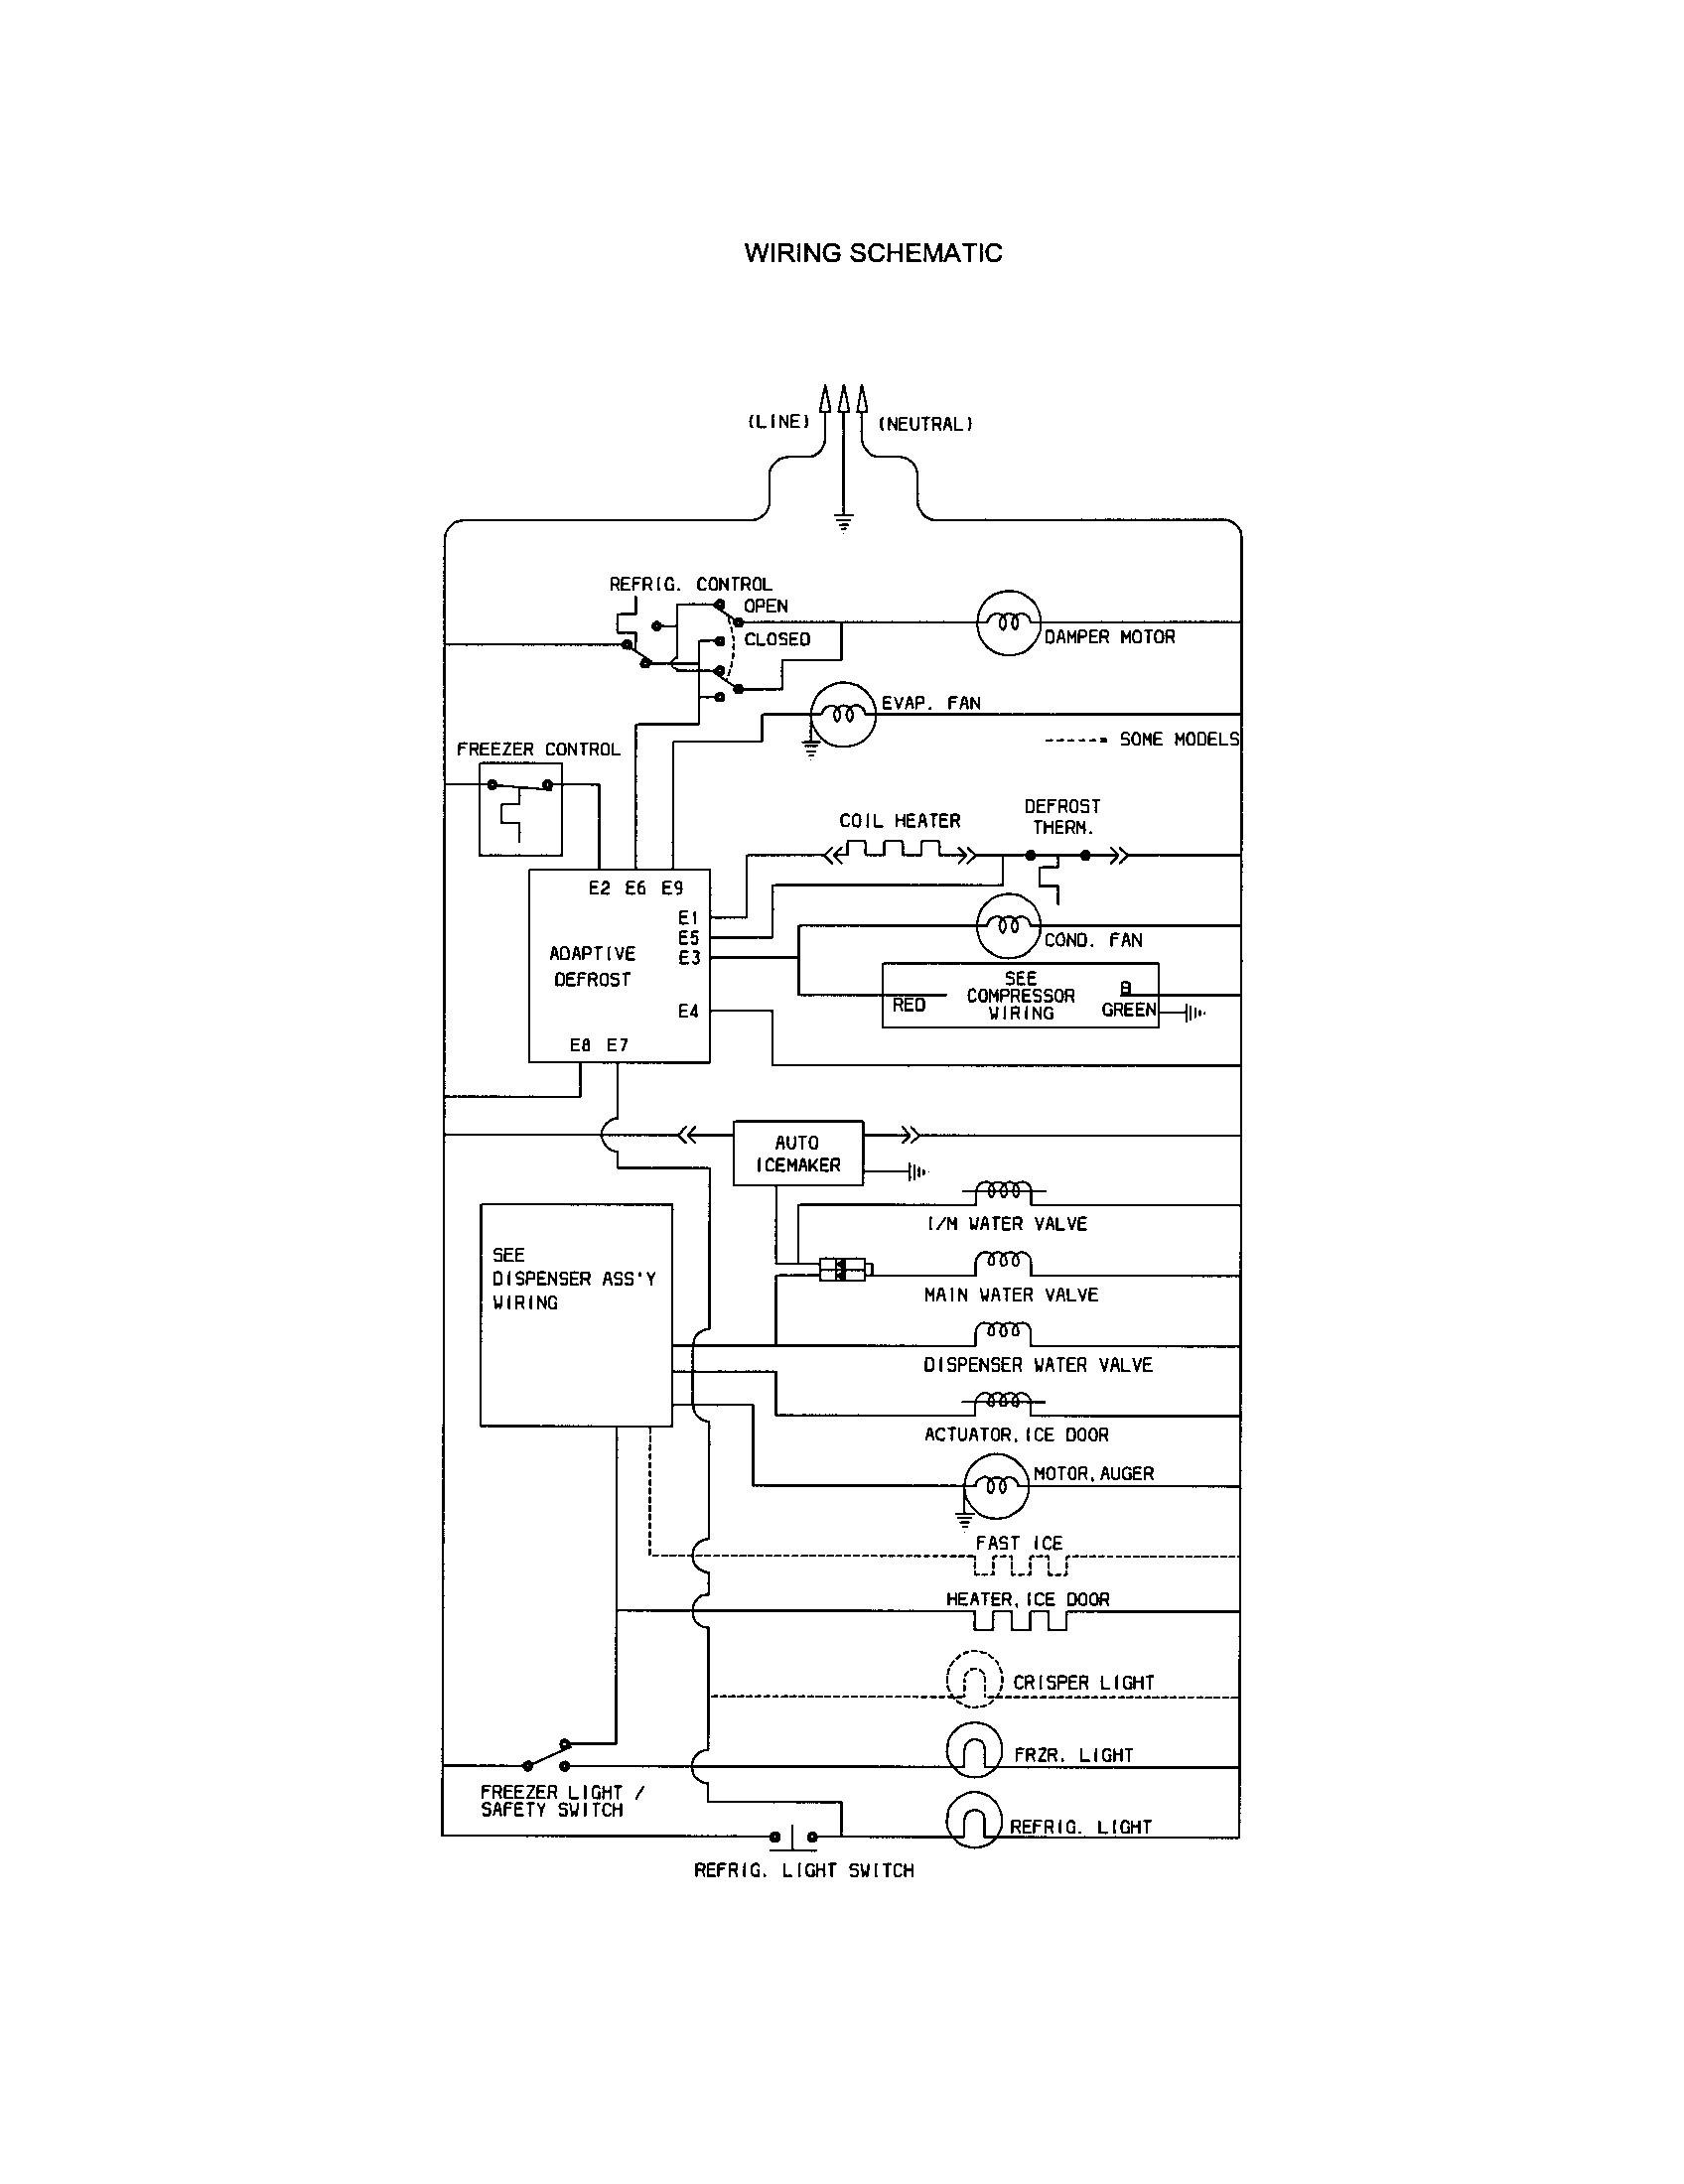 Wiring Profile Ge Diagram Refrigerator Pss25hgma88 | Wiring